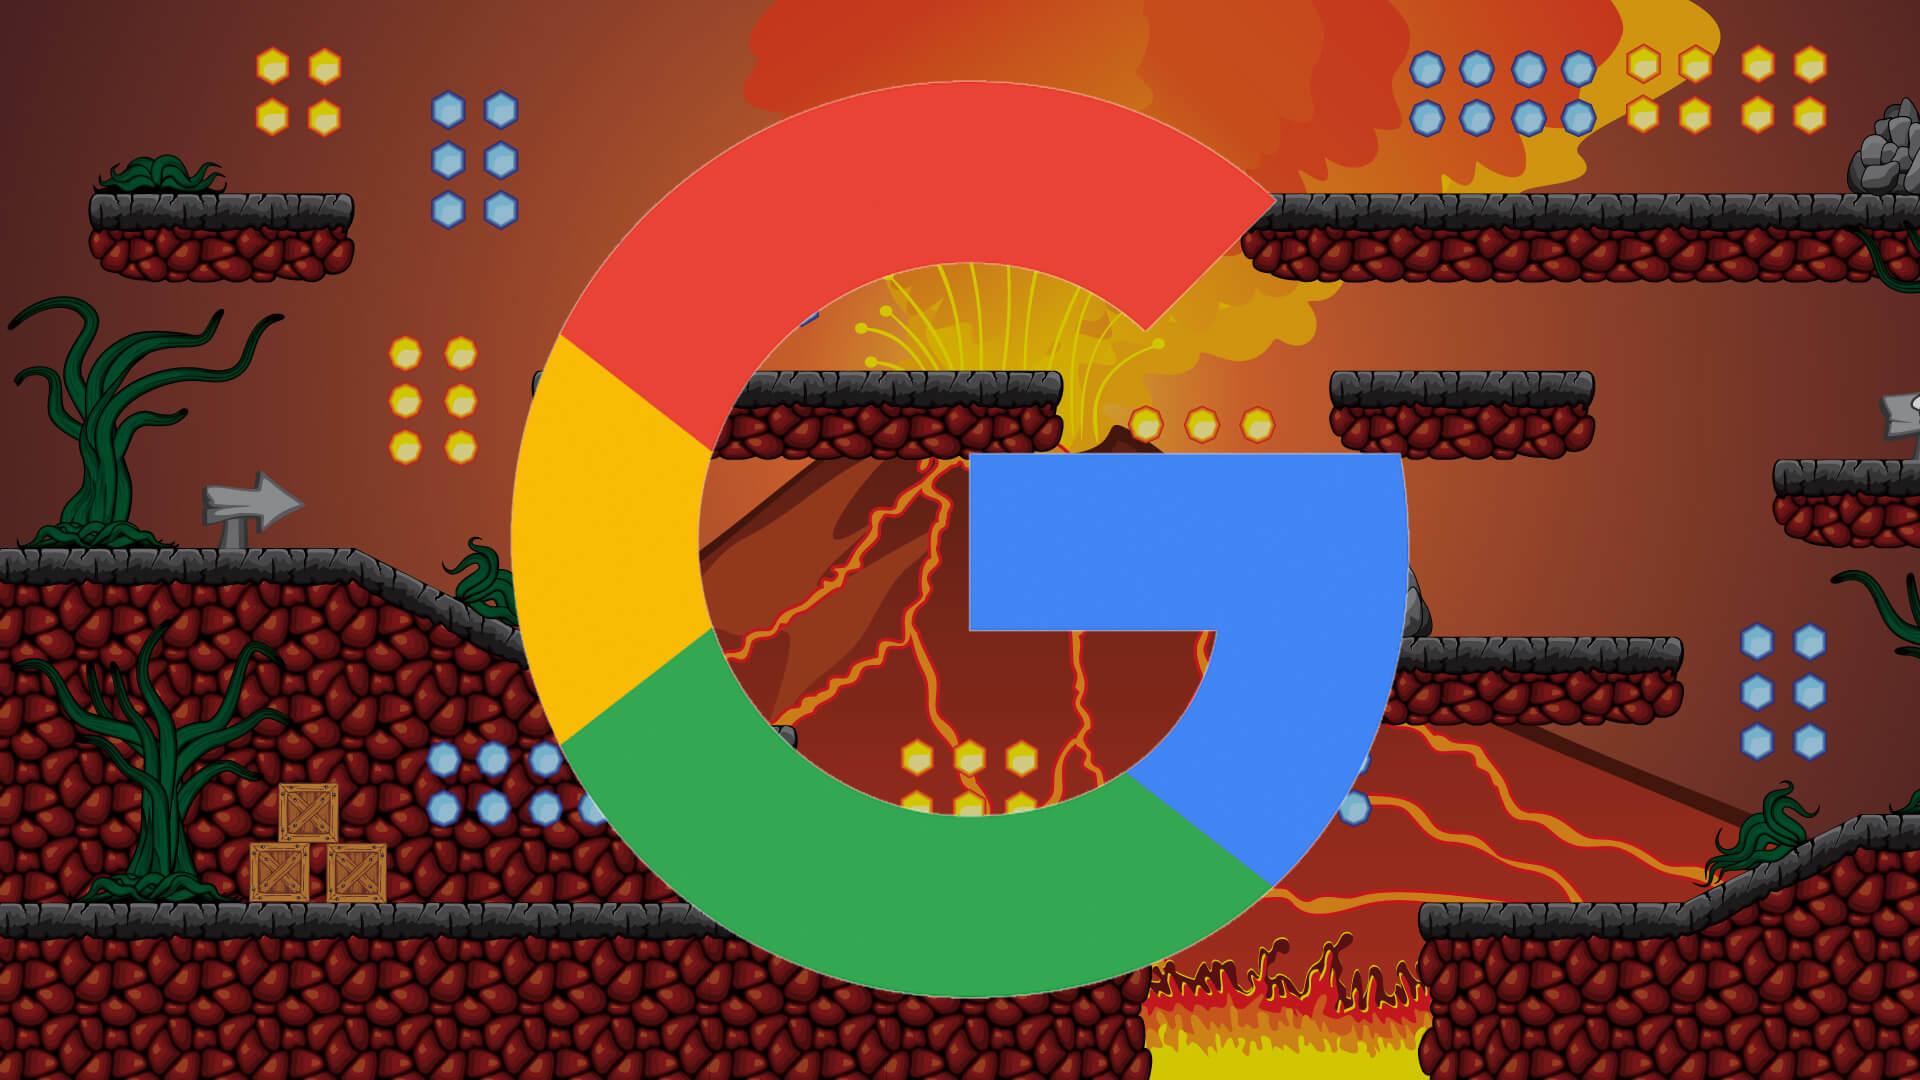 Google introduce anuncios de prueba abiertos, informes de nuevos activos y más para las campañas de aplicaciones